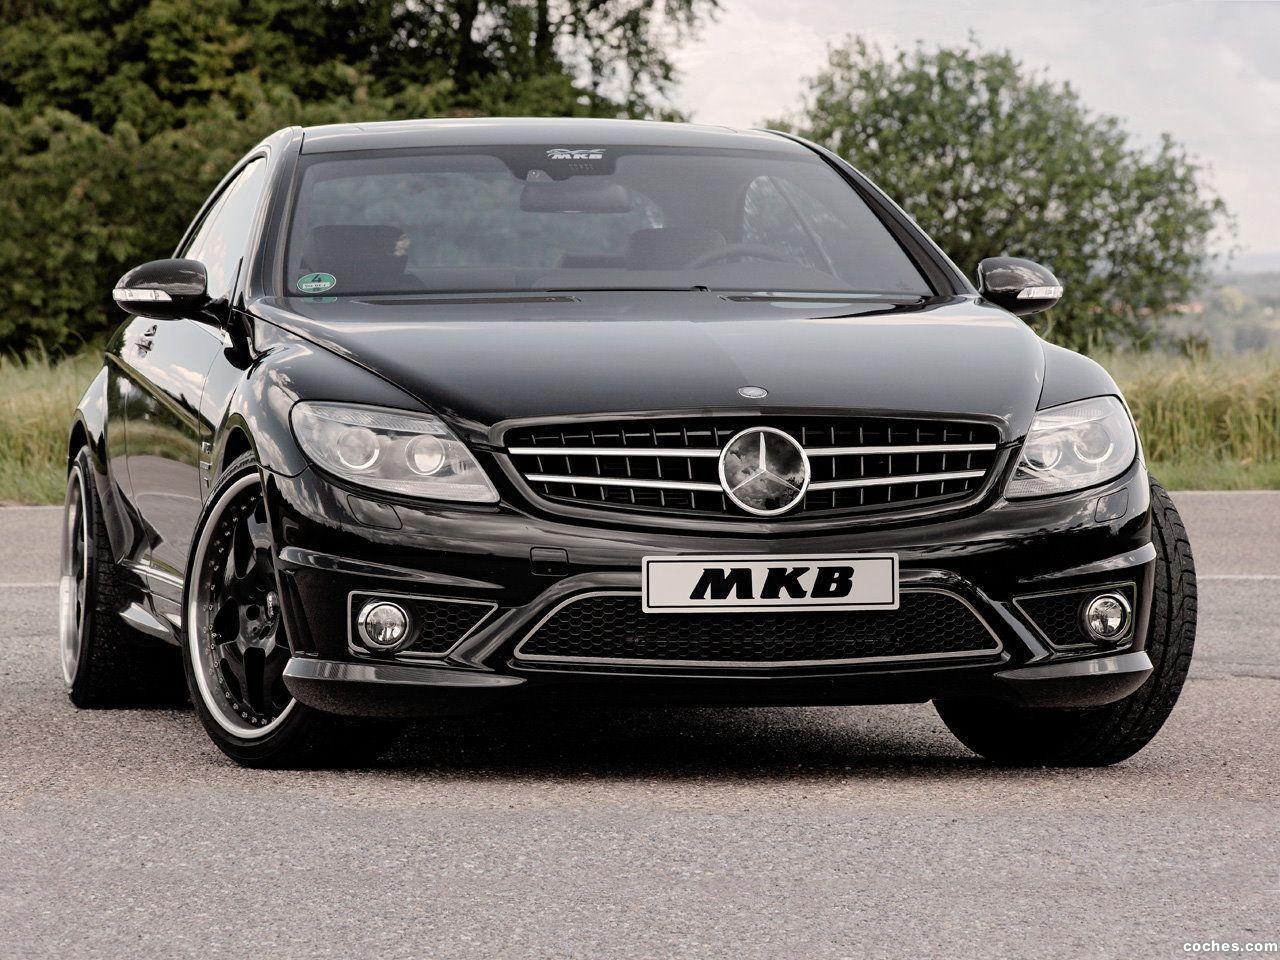 Foto 0 de Mercedes MKB Mercedes CL65 AMG 2009